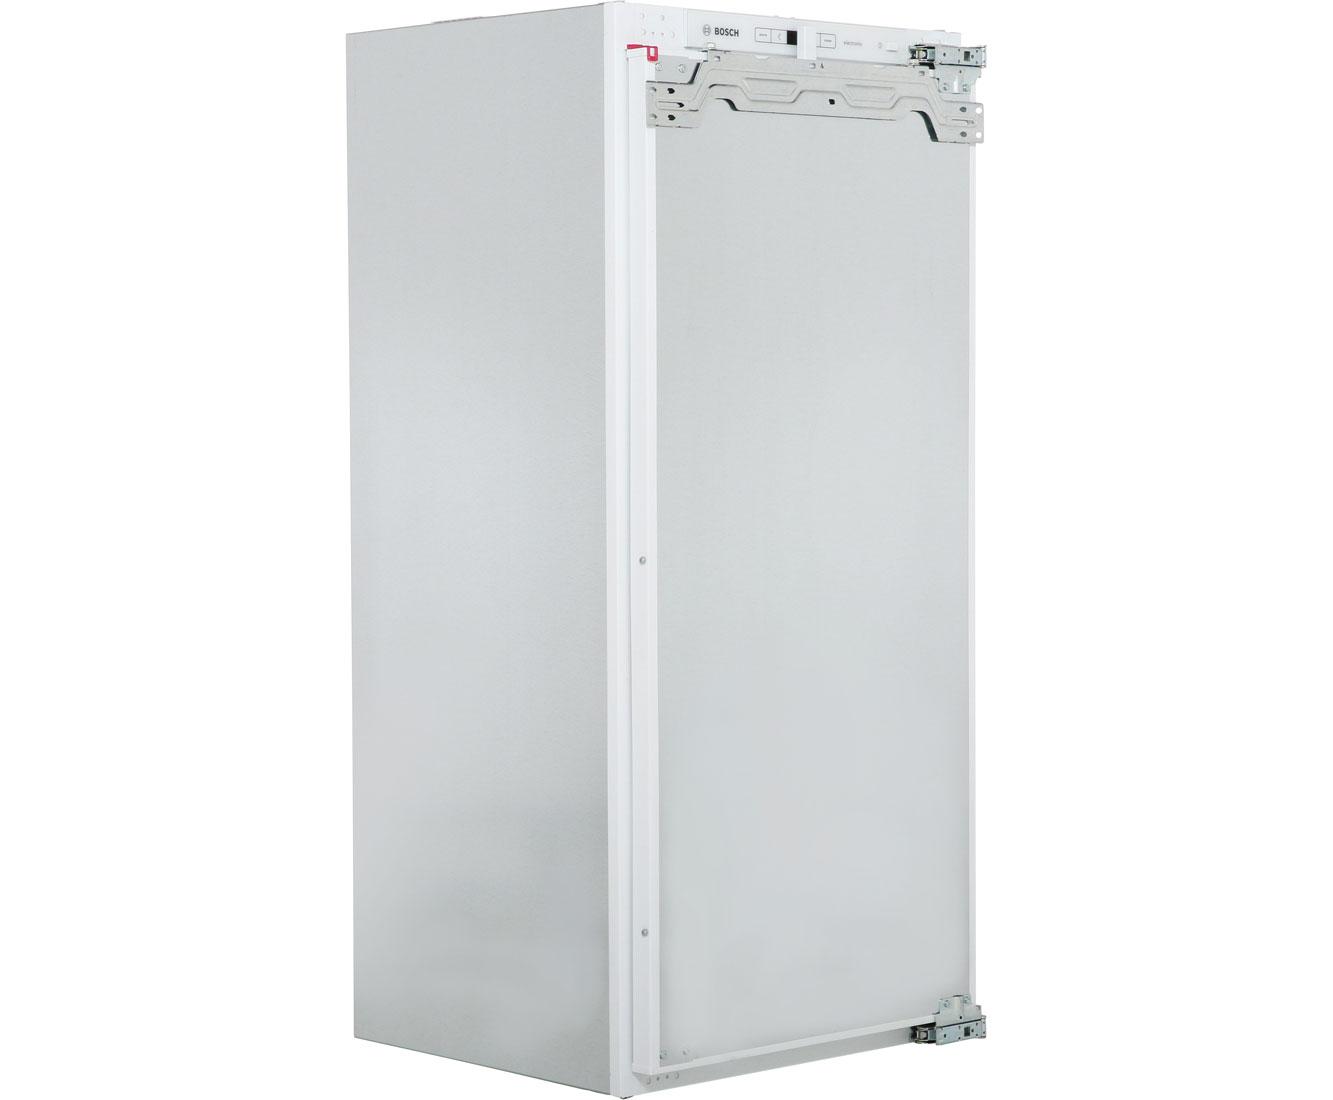 kosten inbouw koelkast